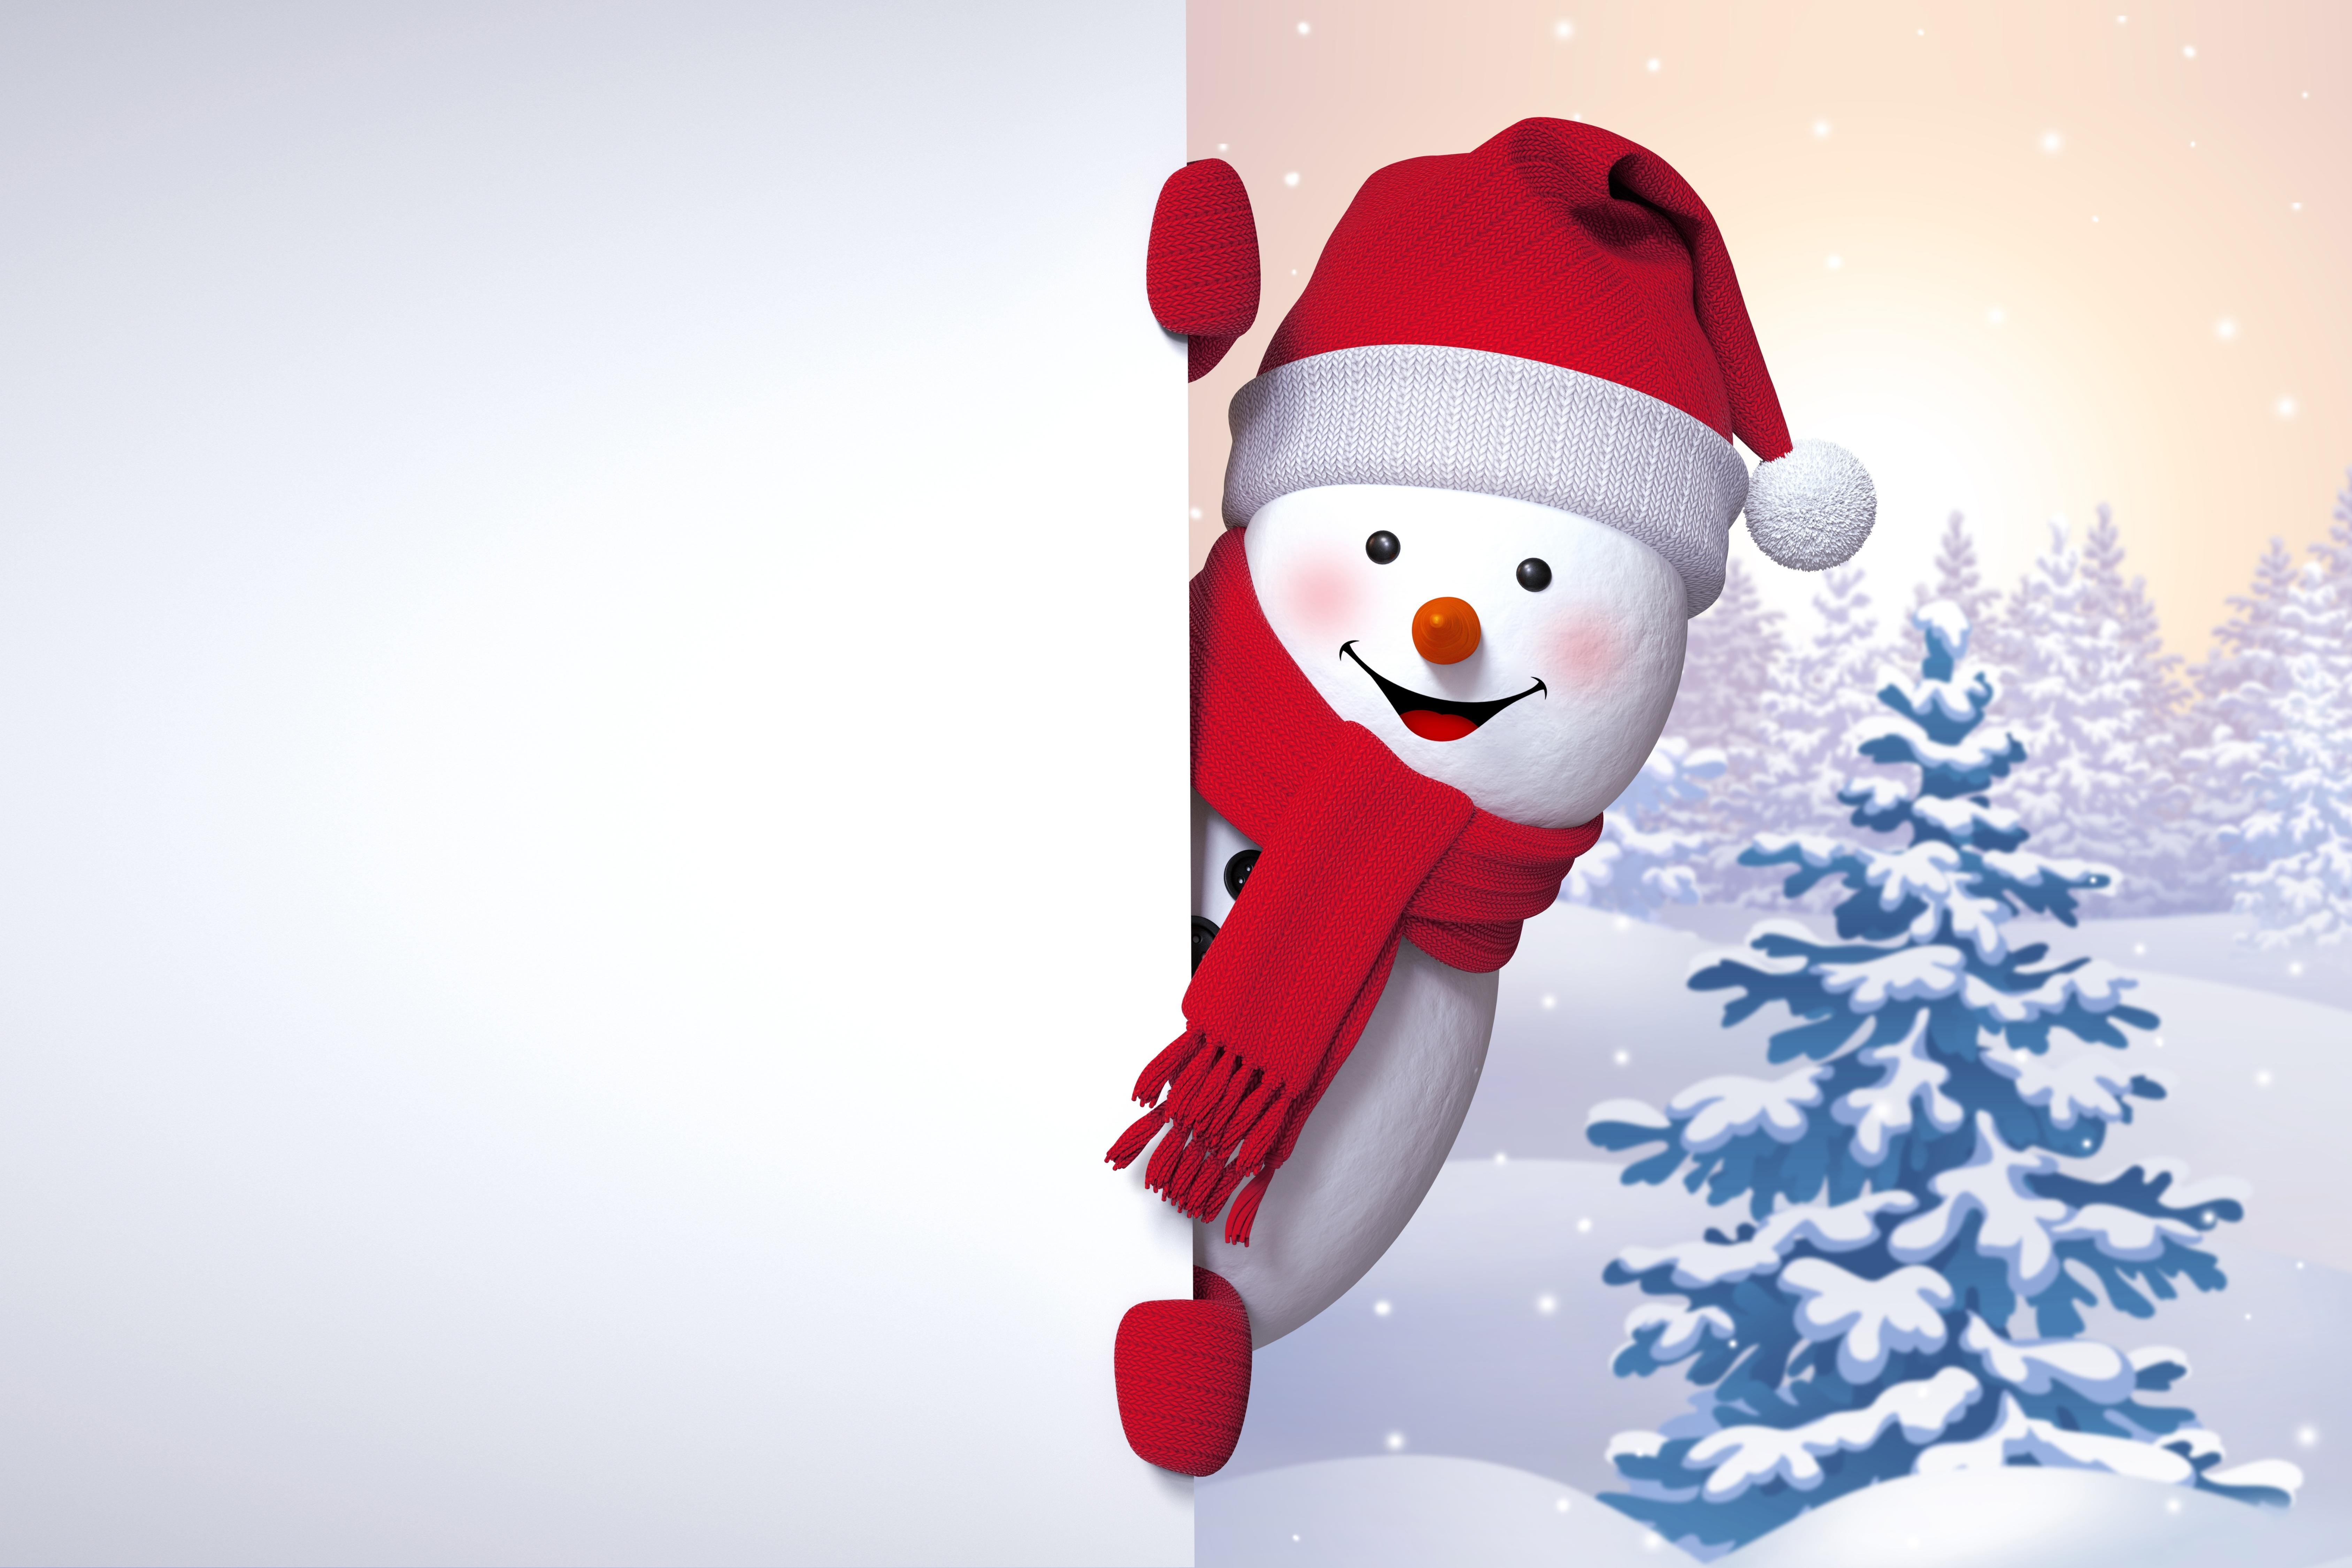 Снеговик на сноуборде  № 3290157 без смс